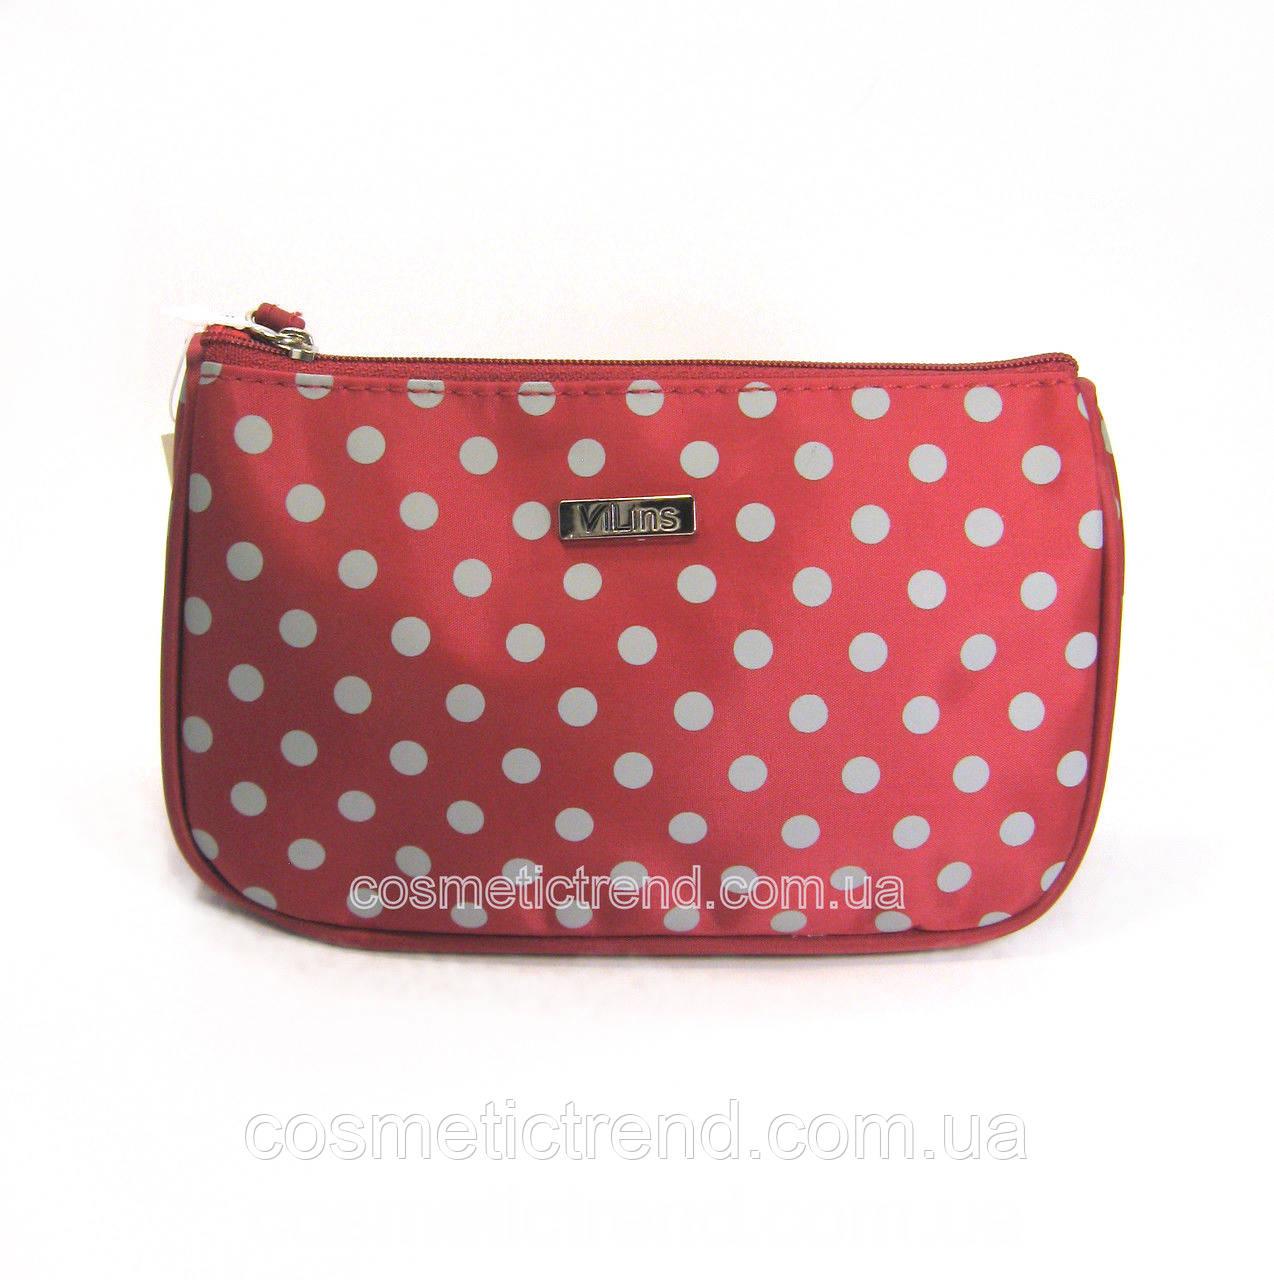 Косметичка женская для сумки Sharm 591714 Vilins (Польша) 18*11*5.5 см